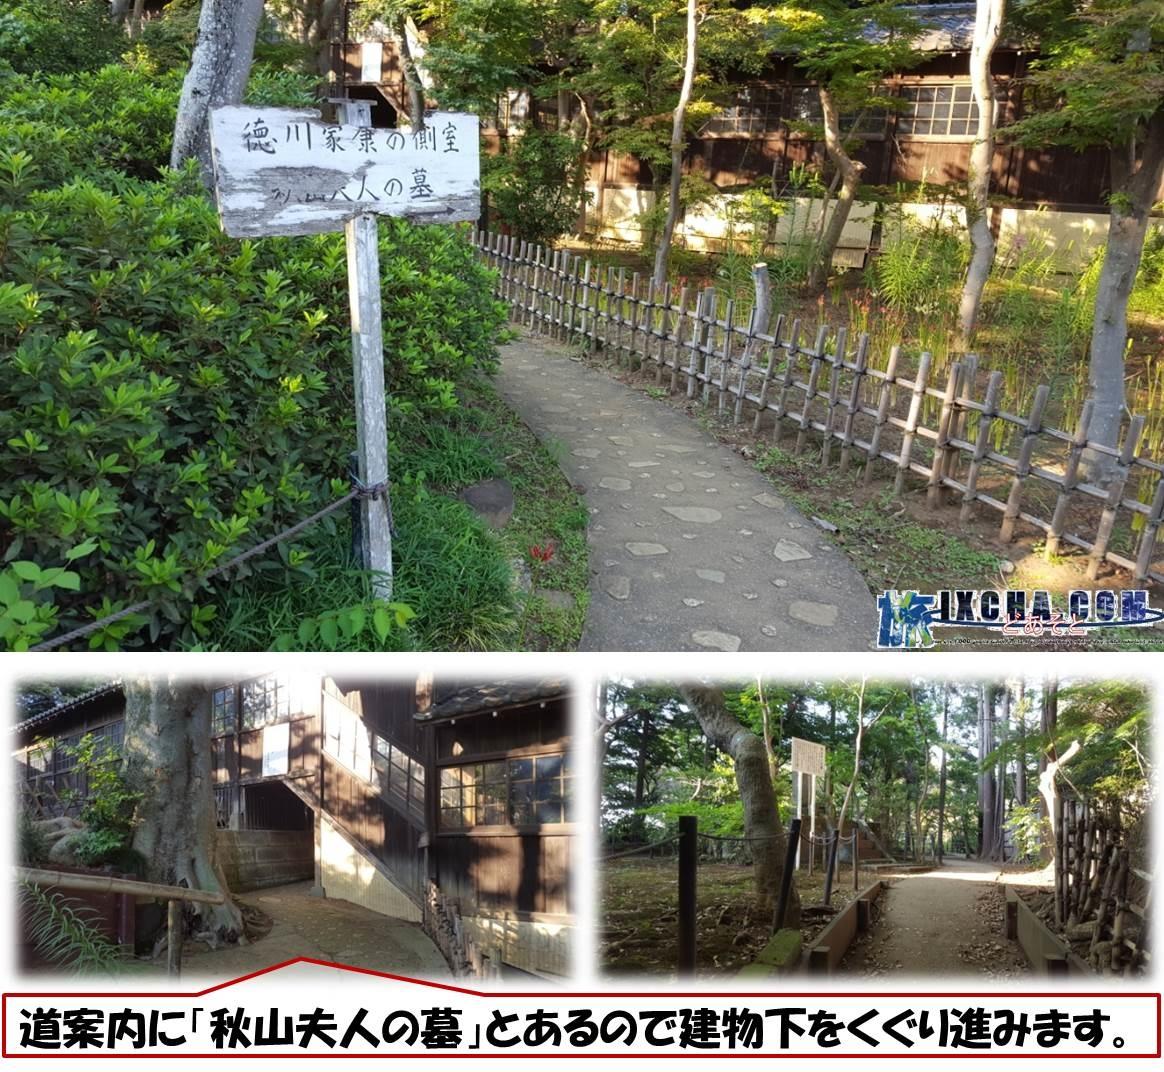 道案内に「秋山夫人の墓」とあるので建物下をくぐり進みます。